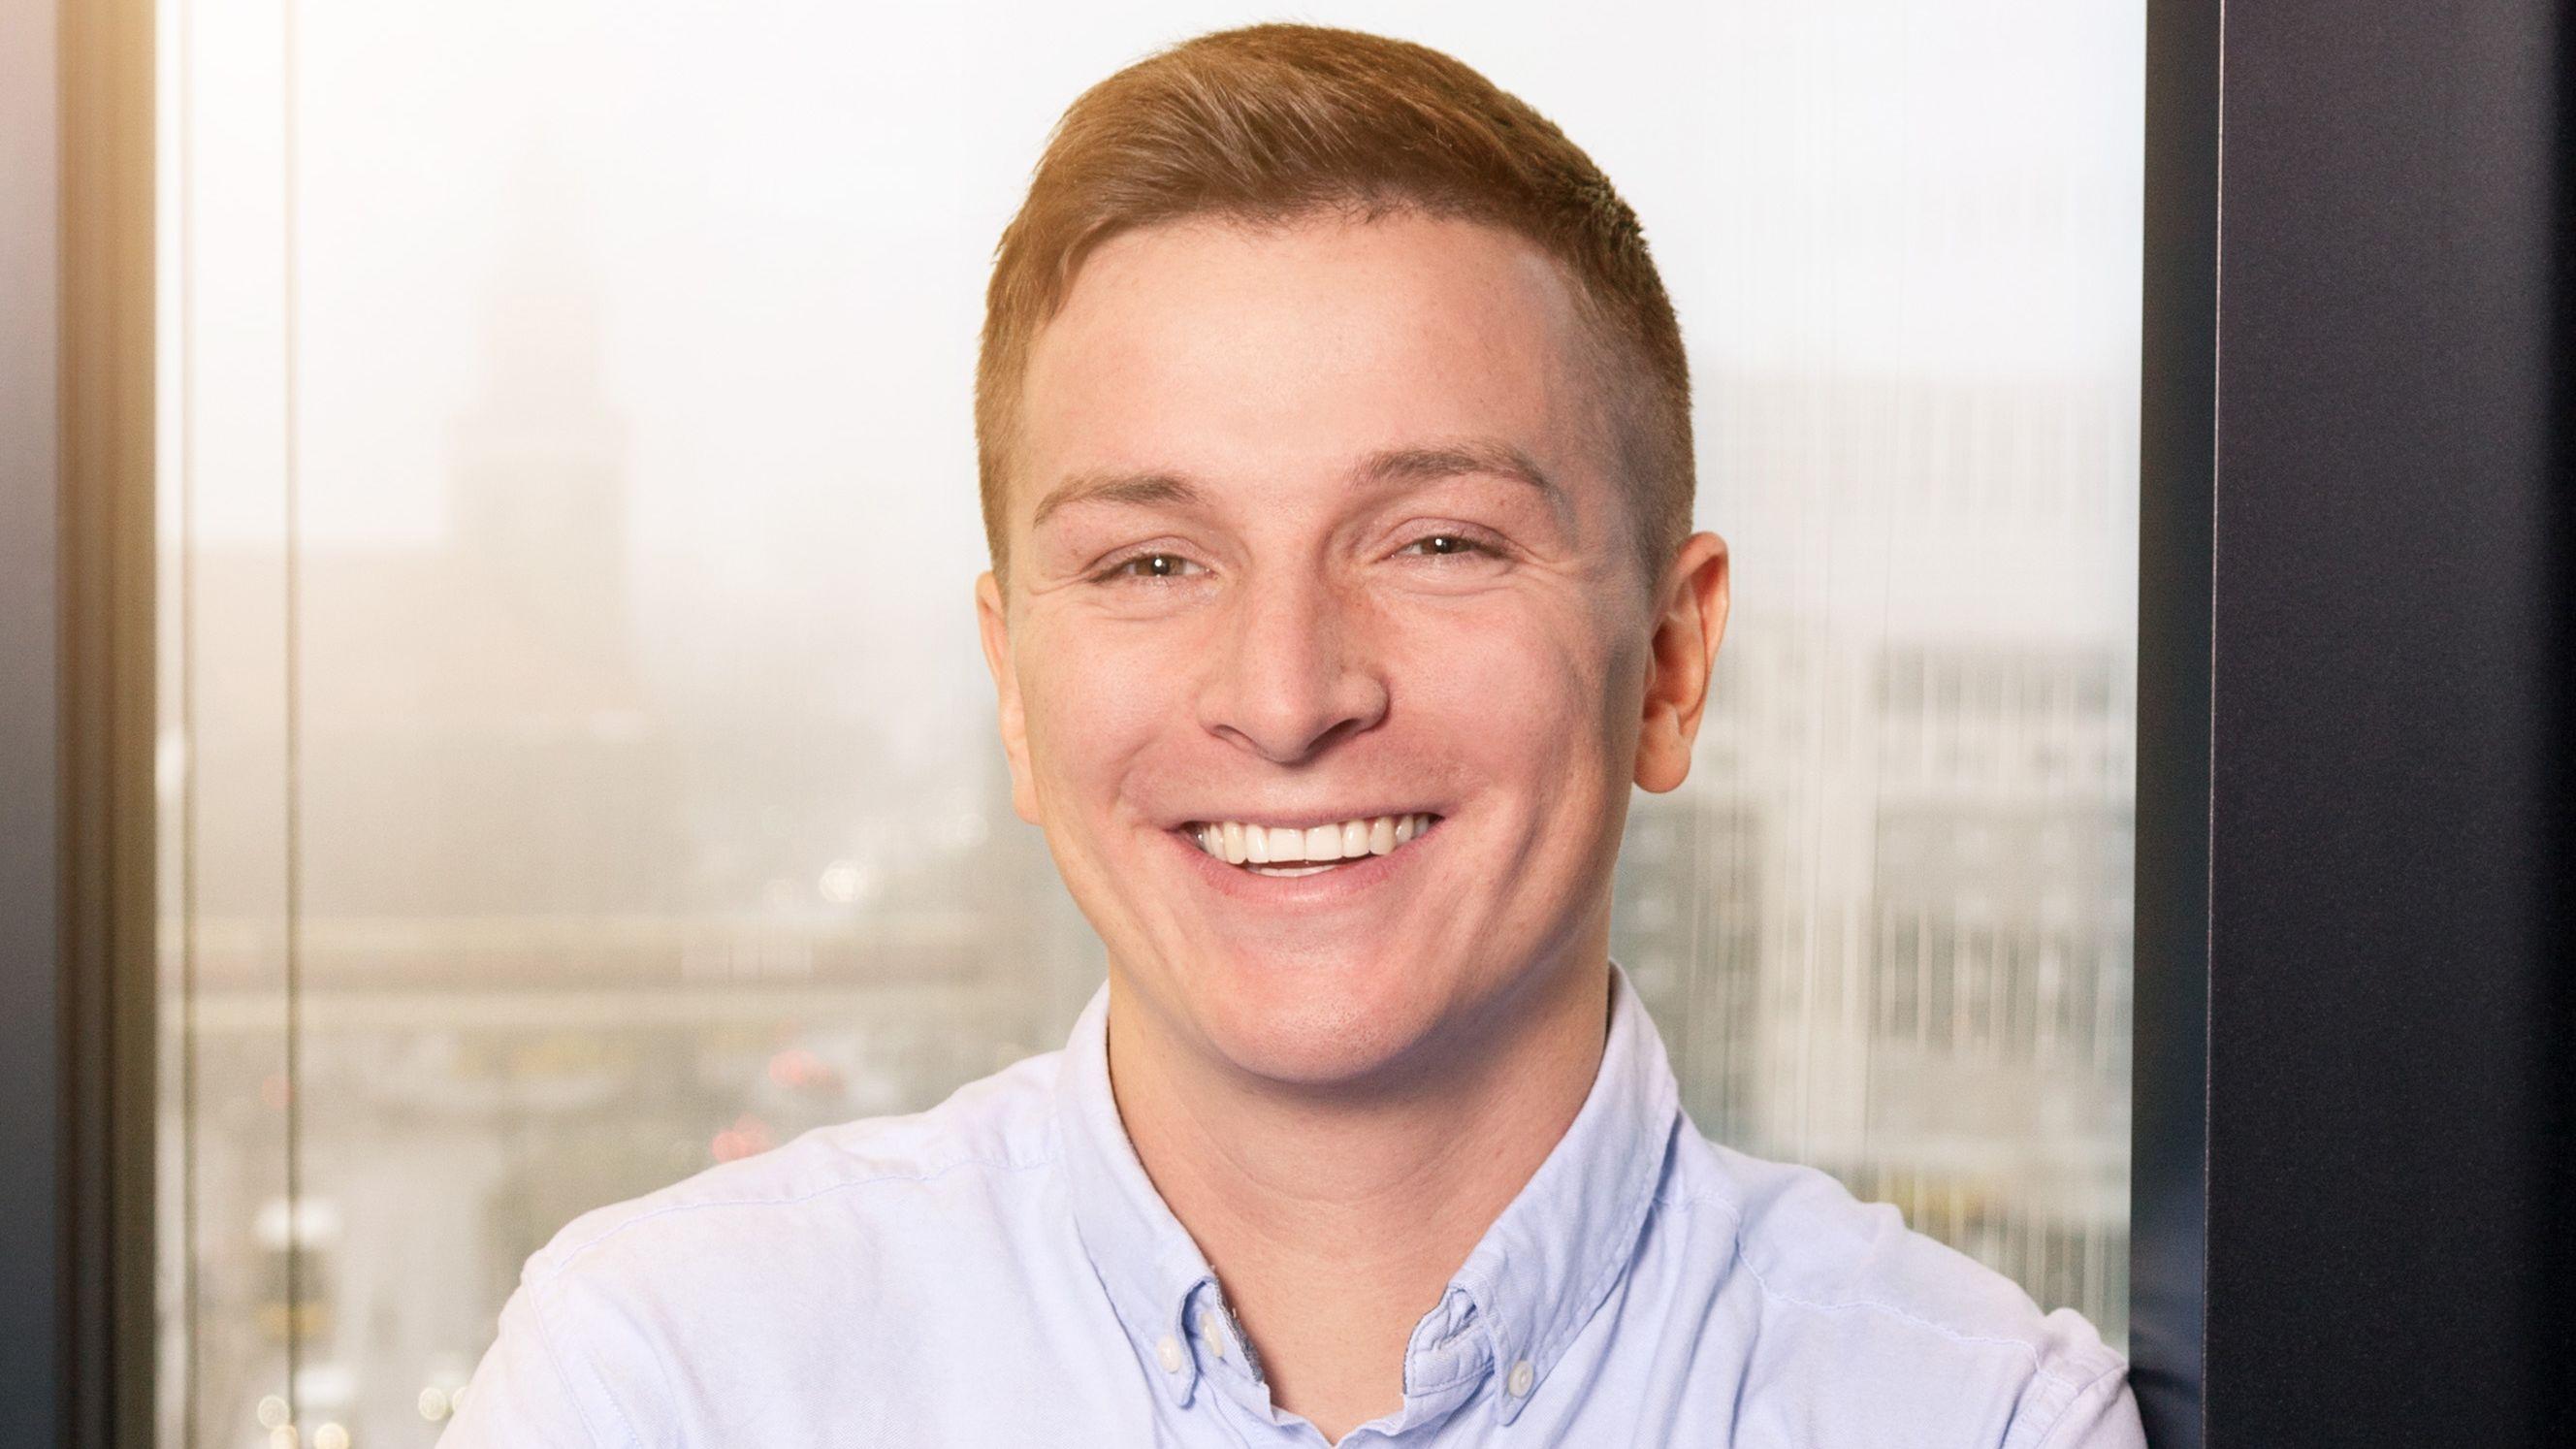 Aaron Troschke Vom Wer Wird Millionär Kandidaten Zum Agenturgründer